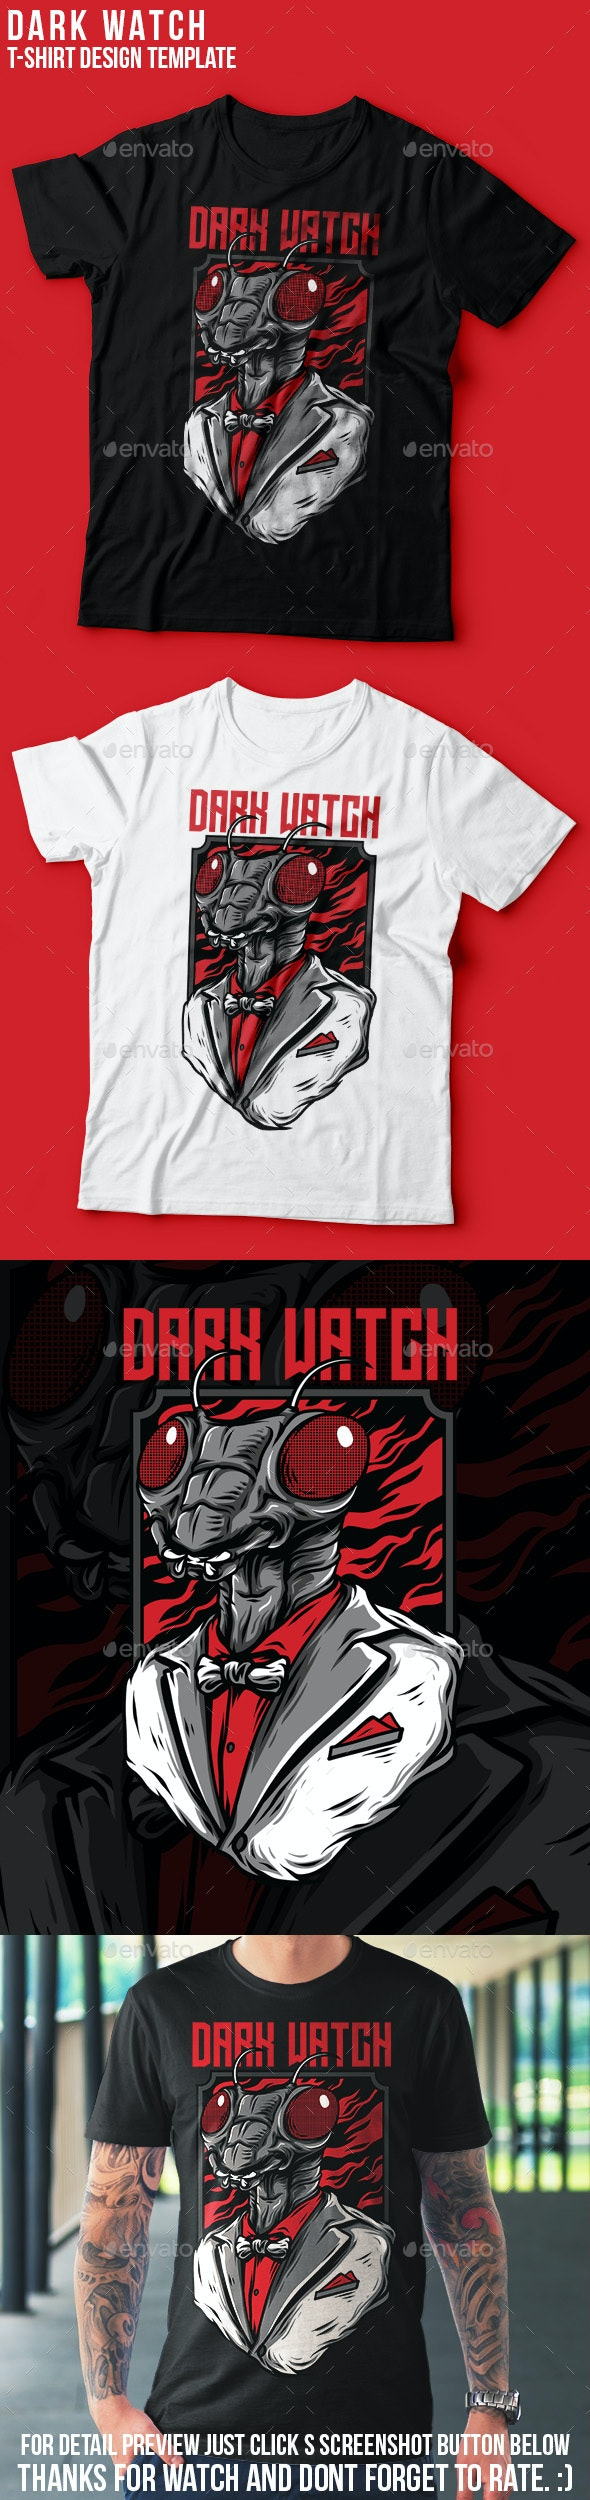 Dark Watch T-Shirt Design - Clean Designs